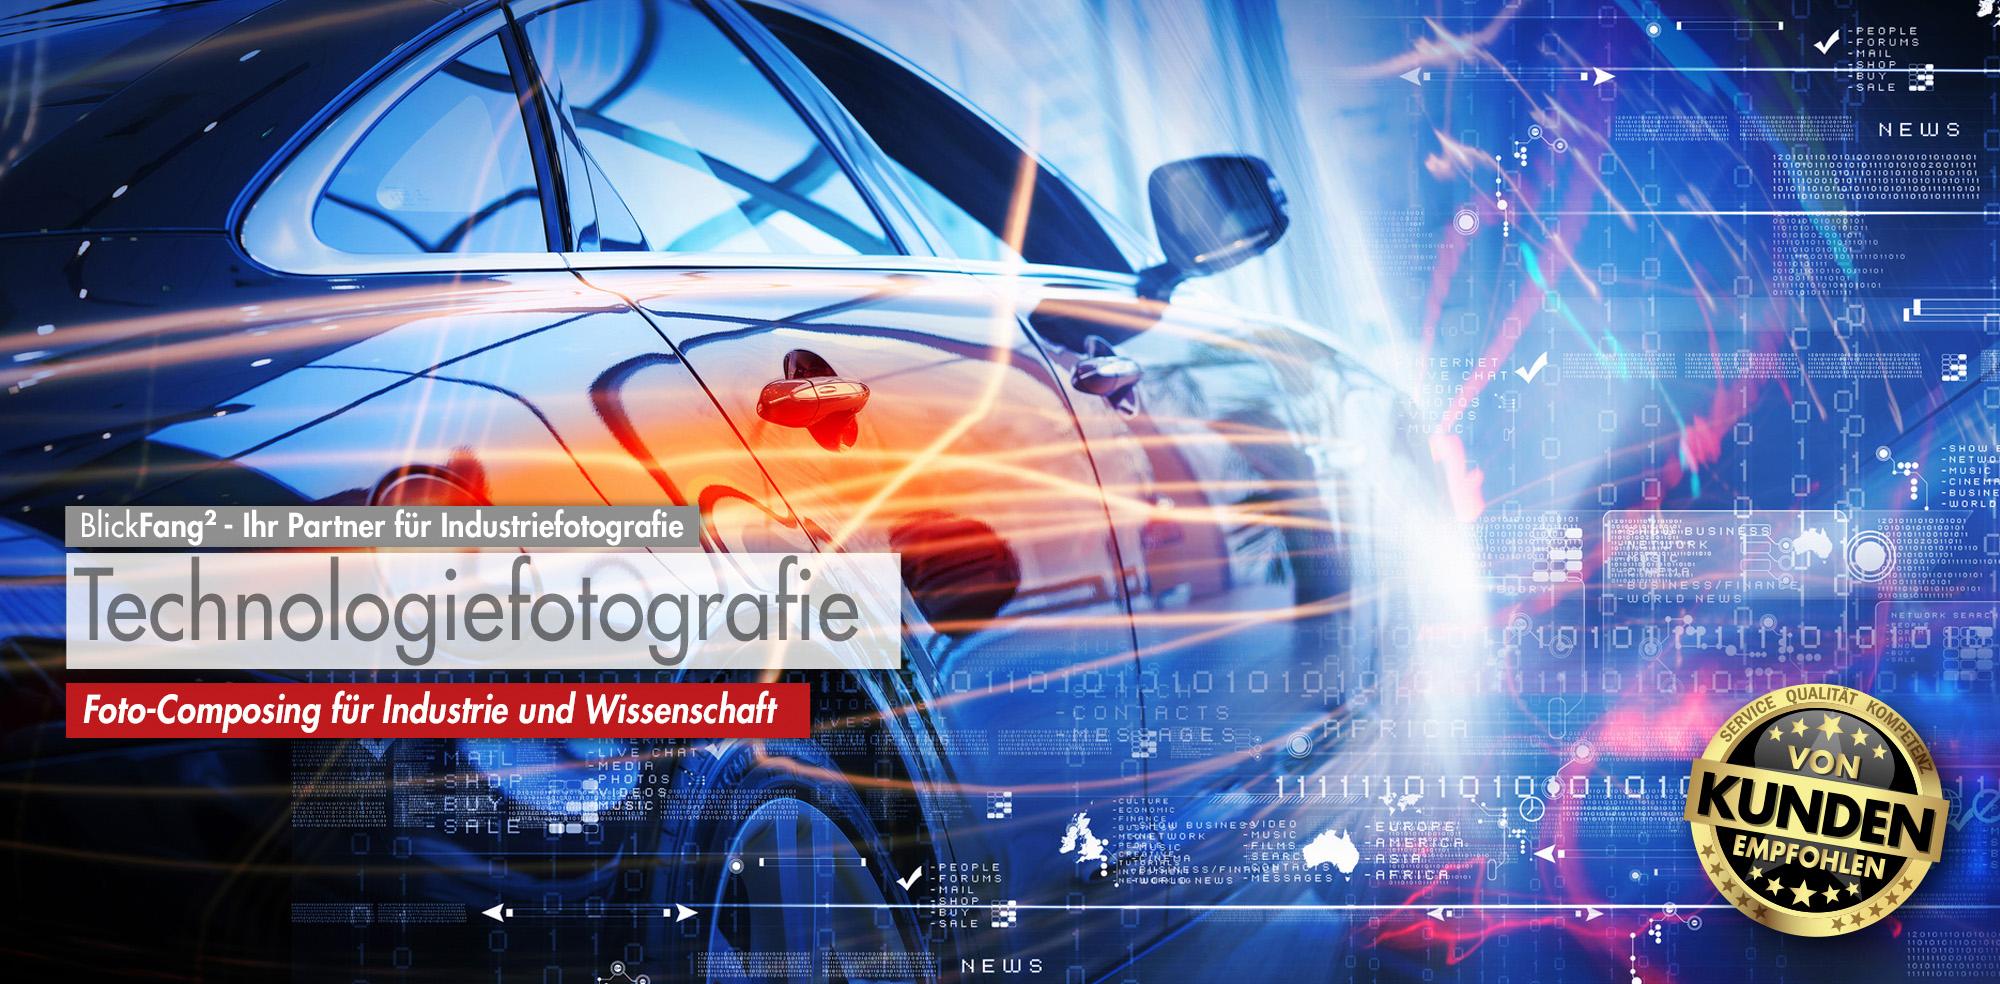 Technologiefotografie und Technikfotos @ BlickFang2 Fotostudio, Filmstudio in Weinheim und Andernach, Fotograf